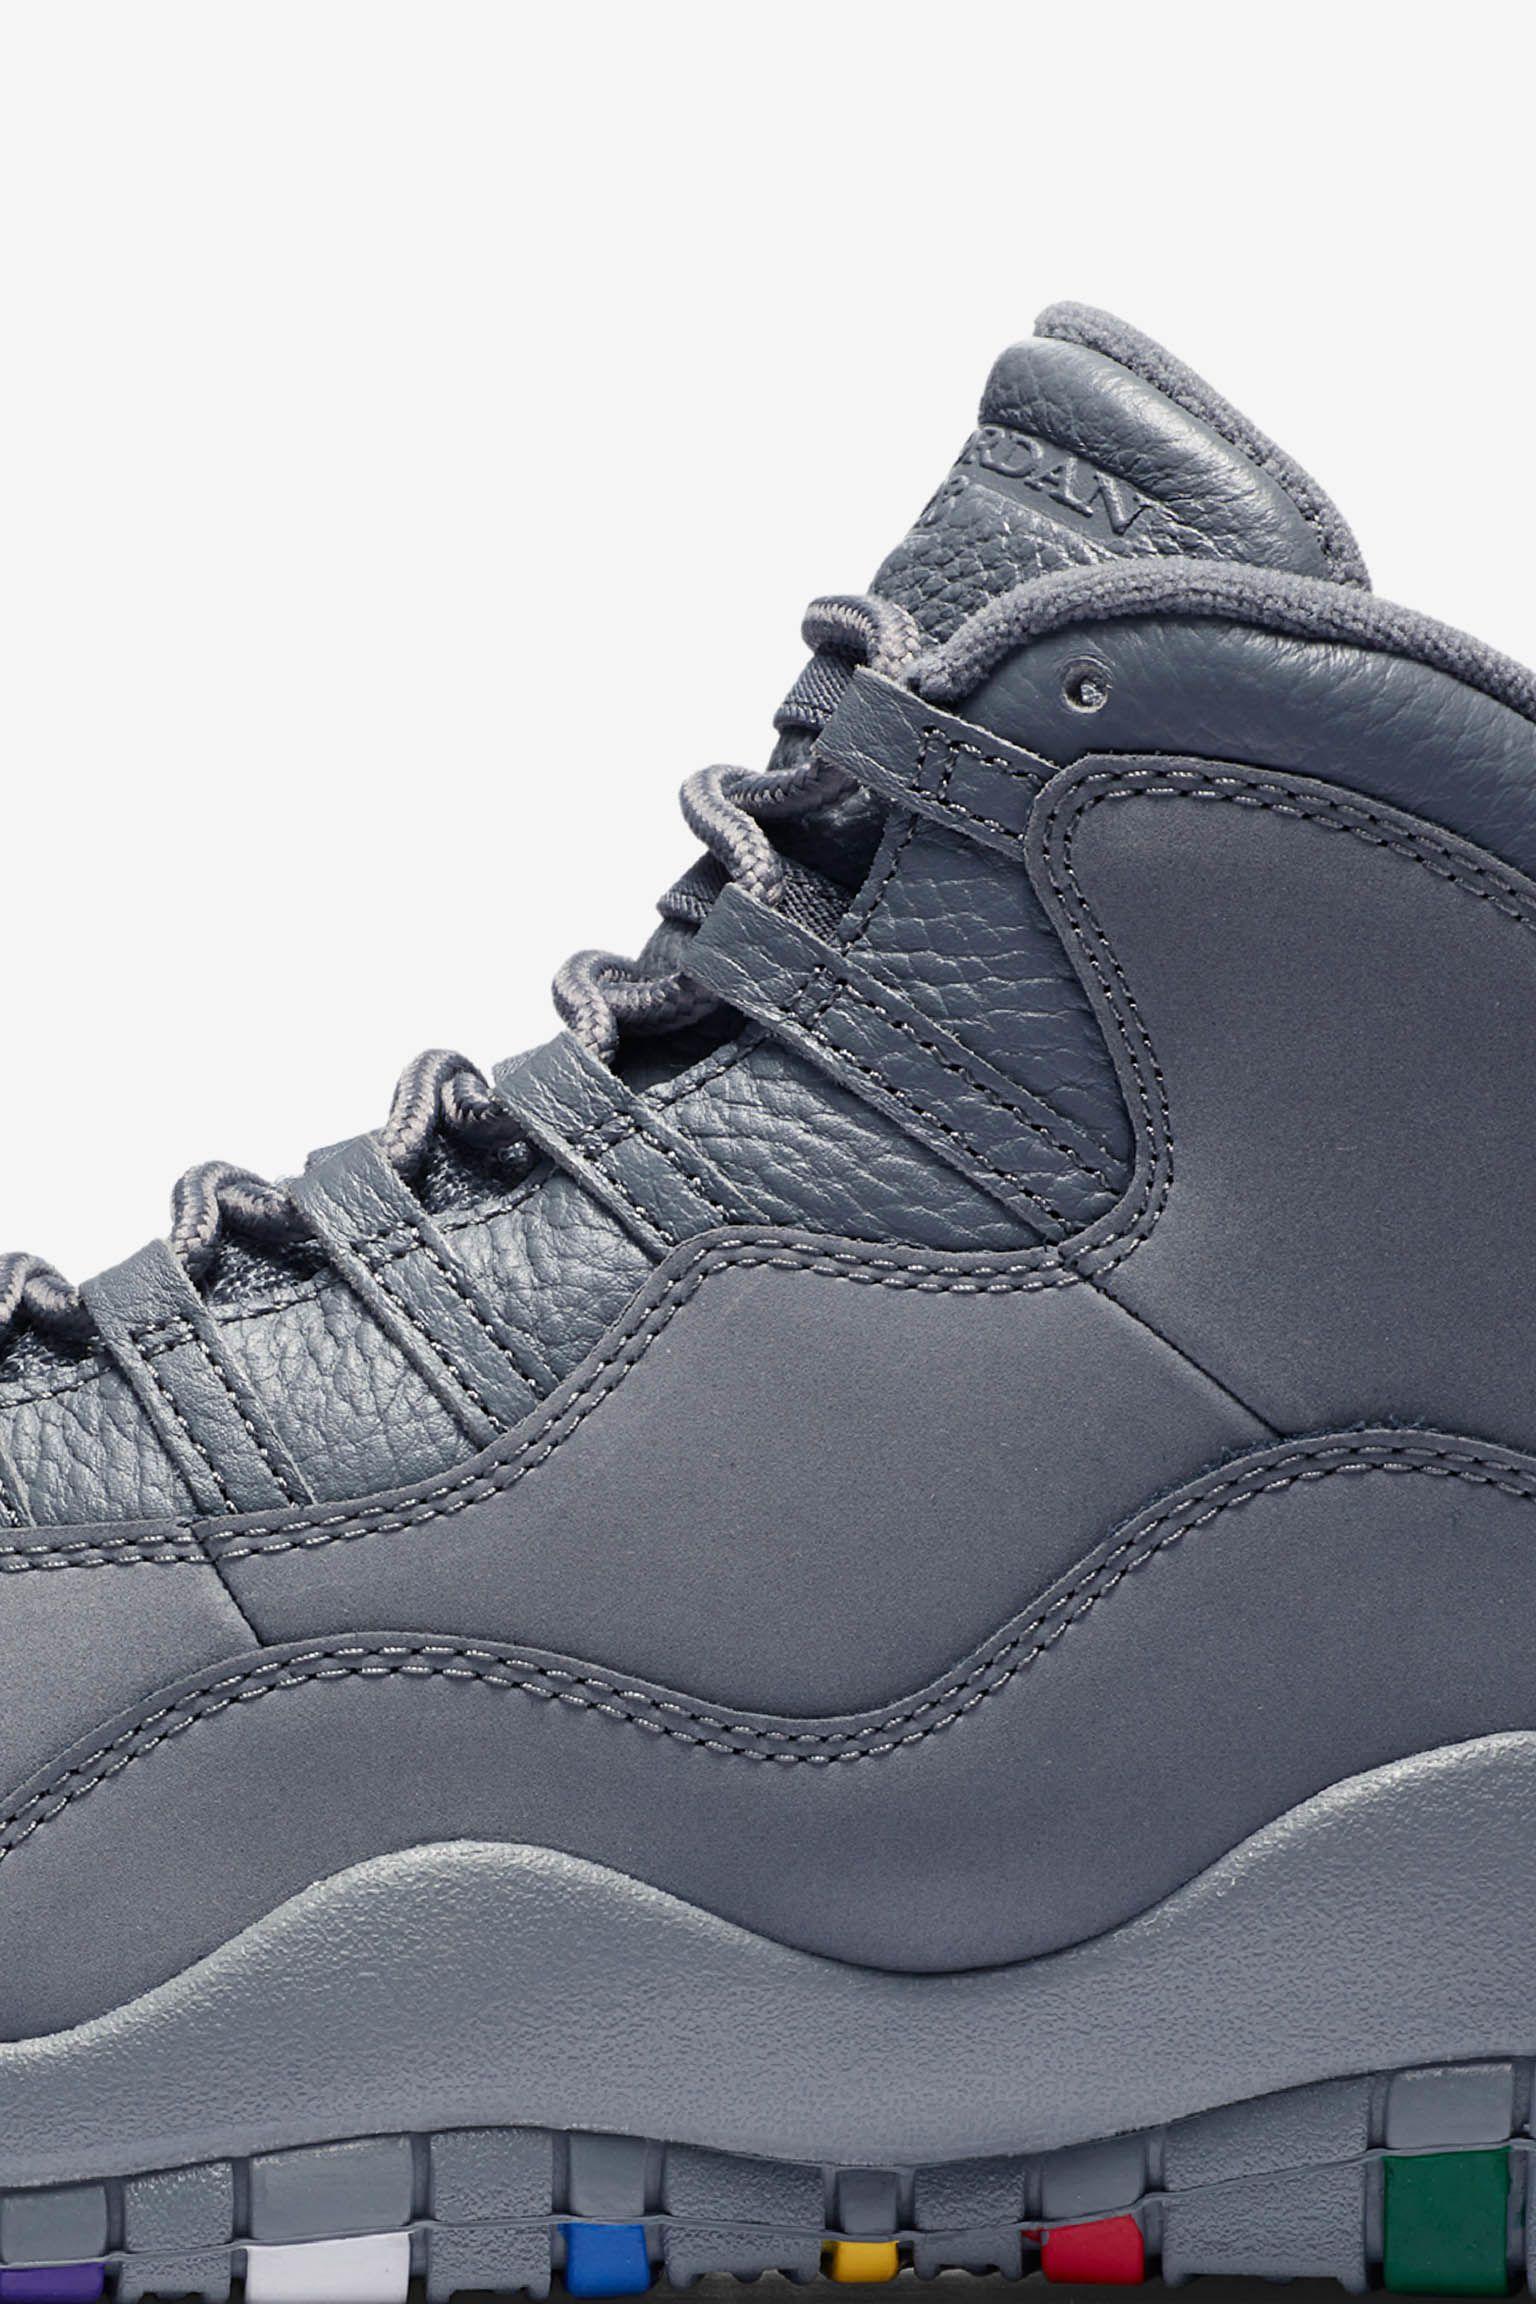 Air Jordan 10 Cool Grey Release Date Nike Snkrs